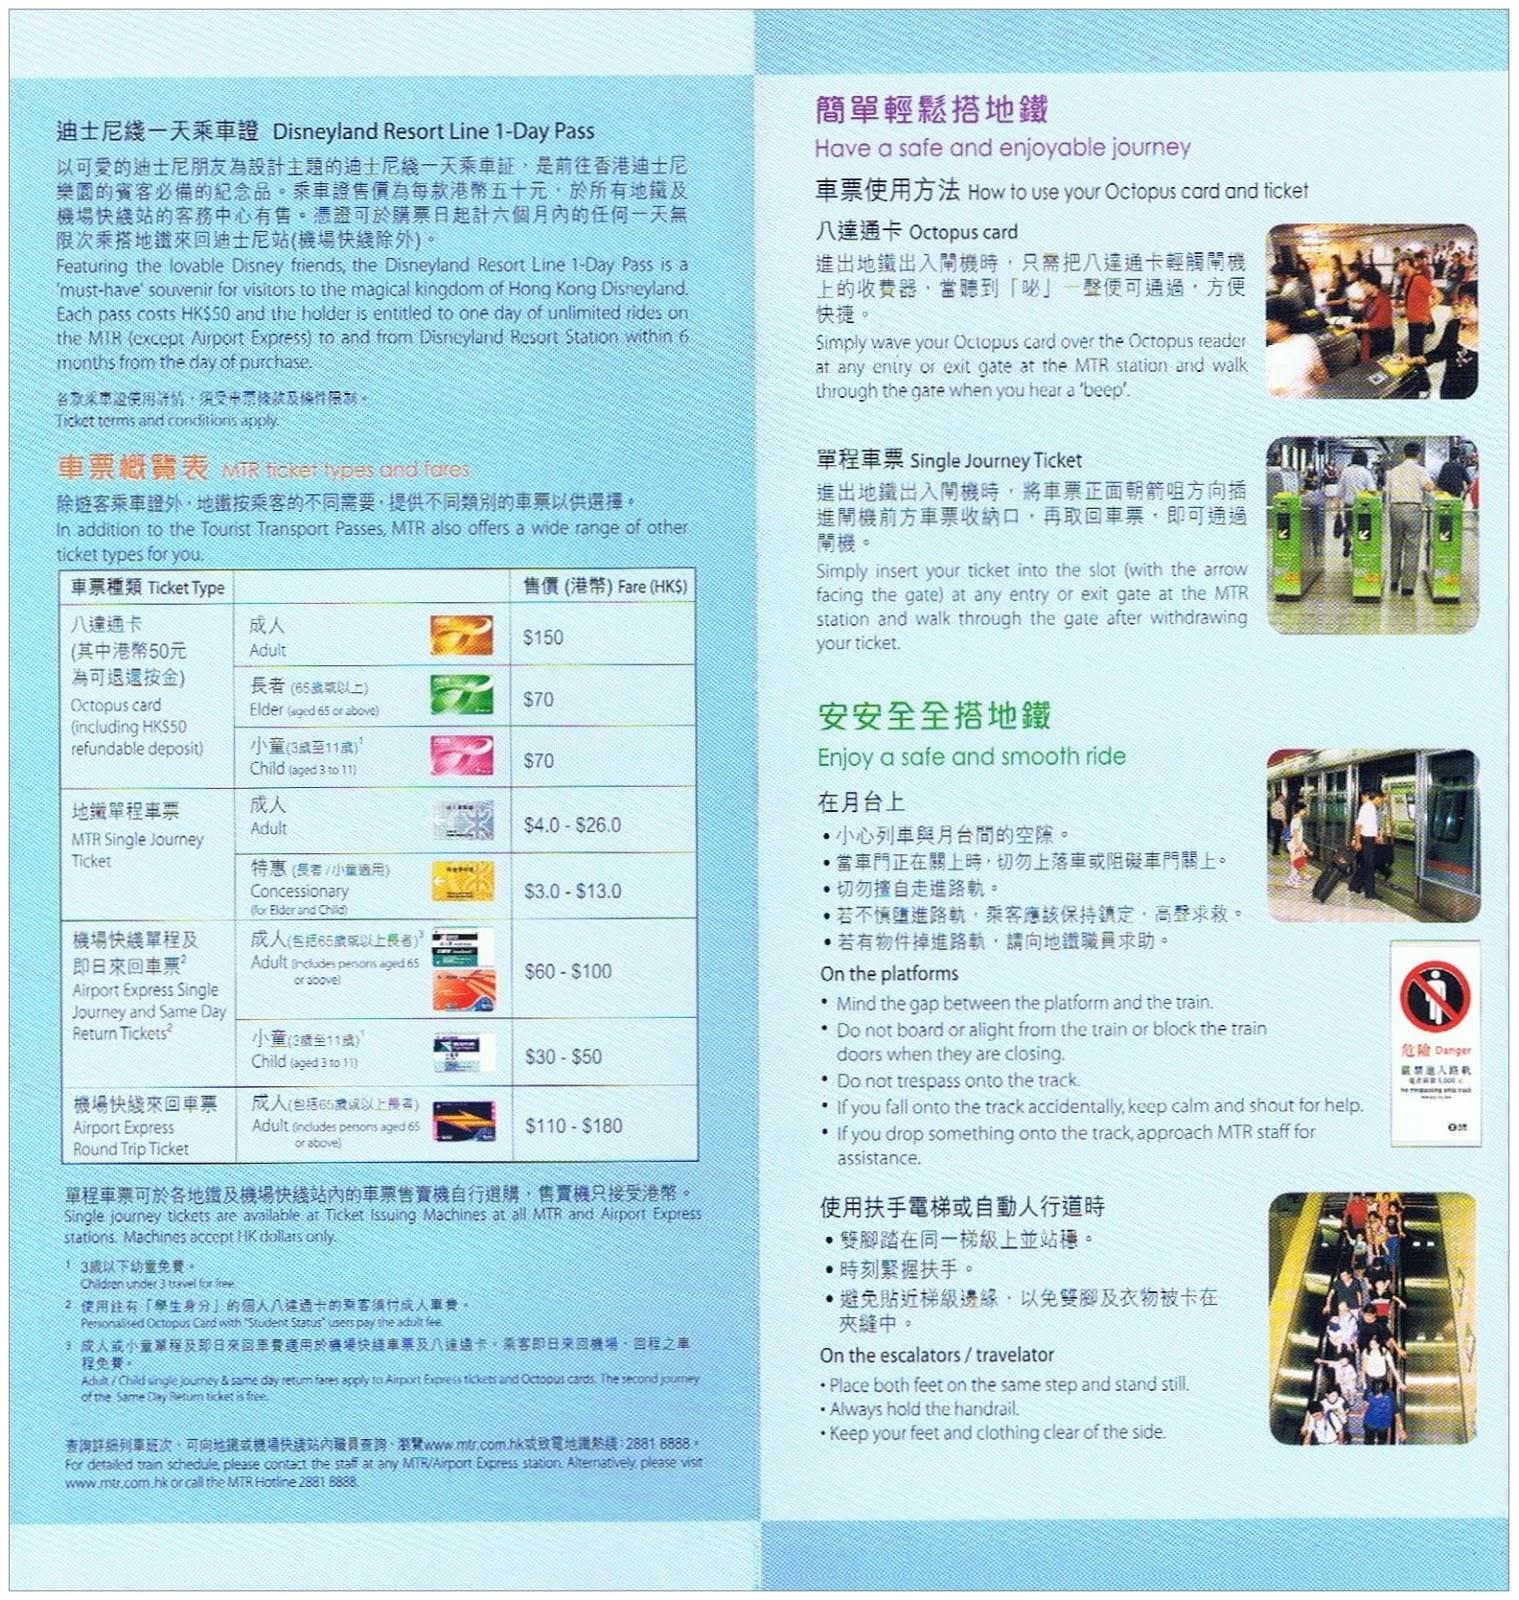 車票 Tickets : 地鐵單張 #L453 - 地鐵帶你遊遍香港旅遊熱點